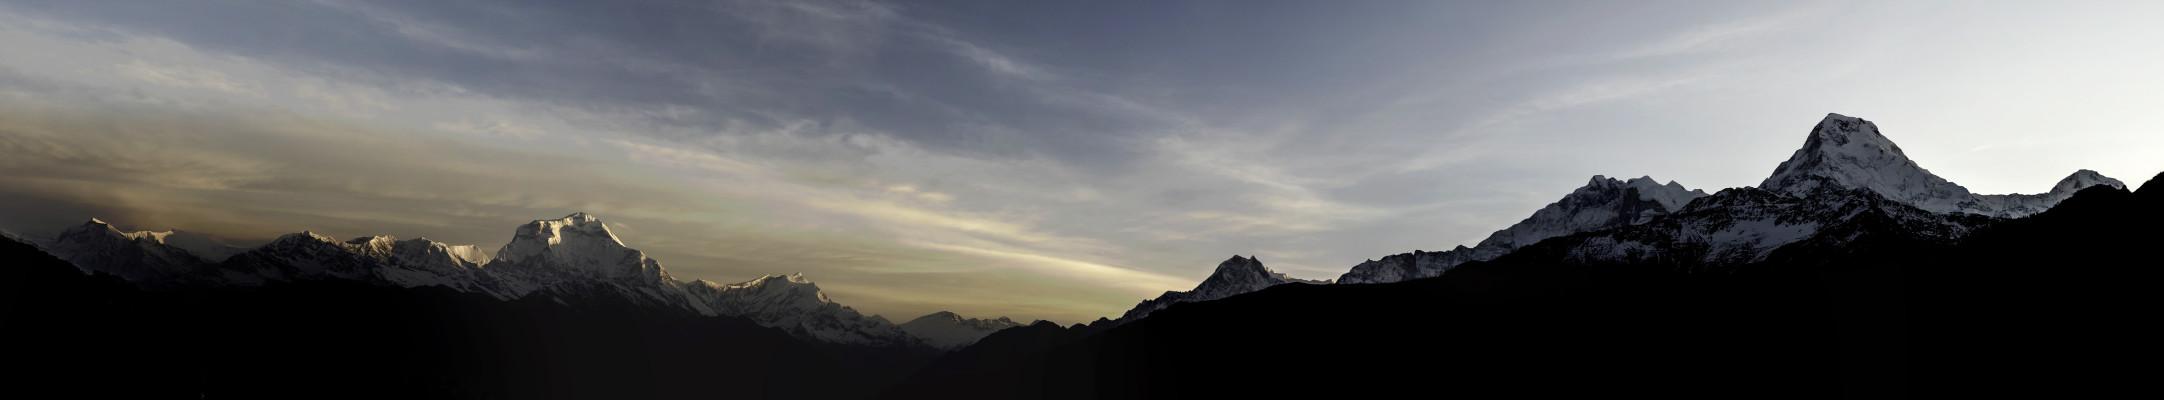 Guten Morgen Himalaya